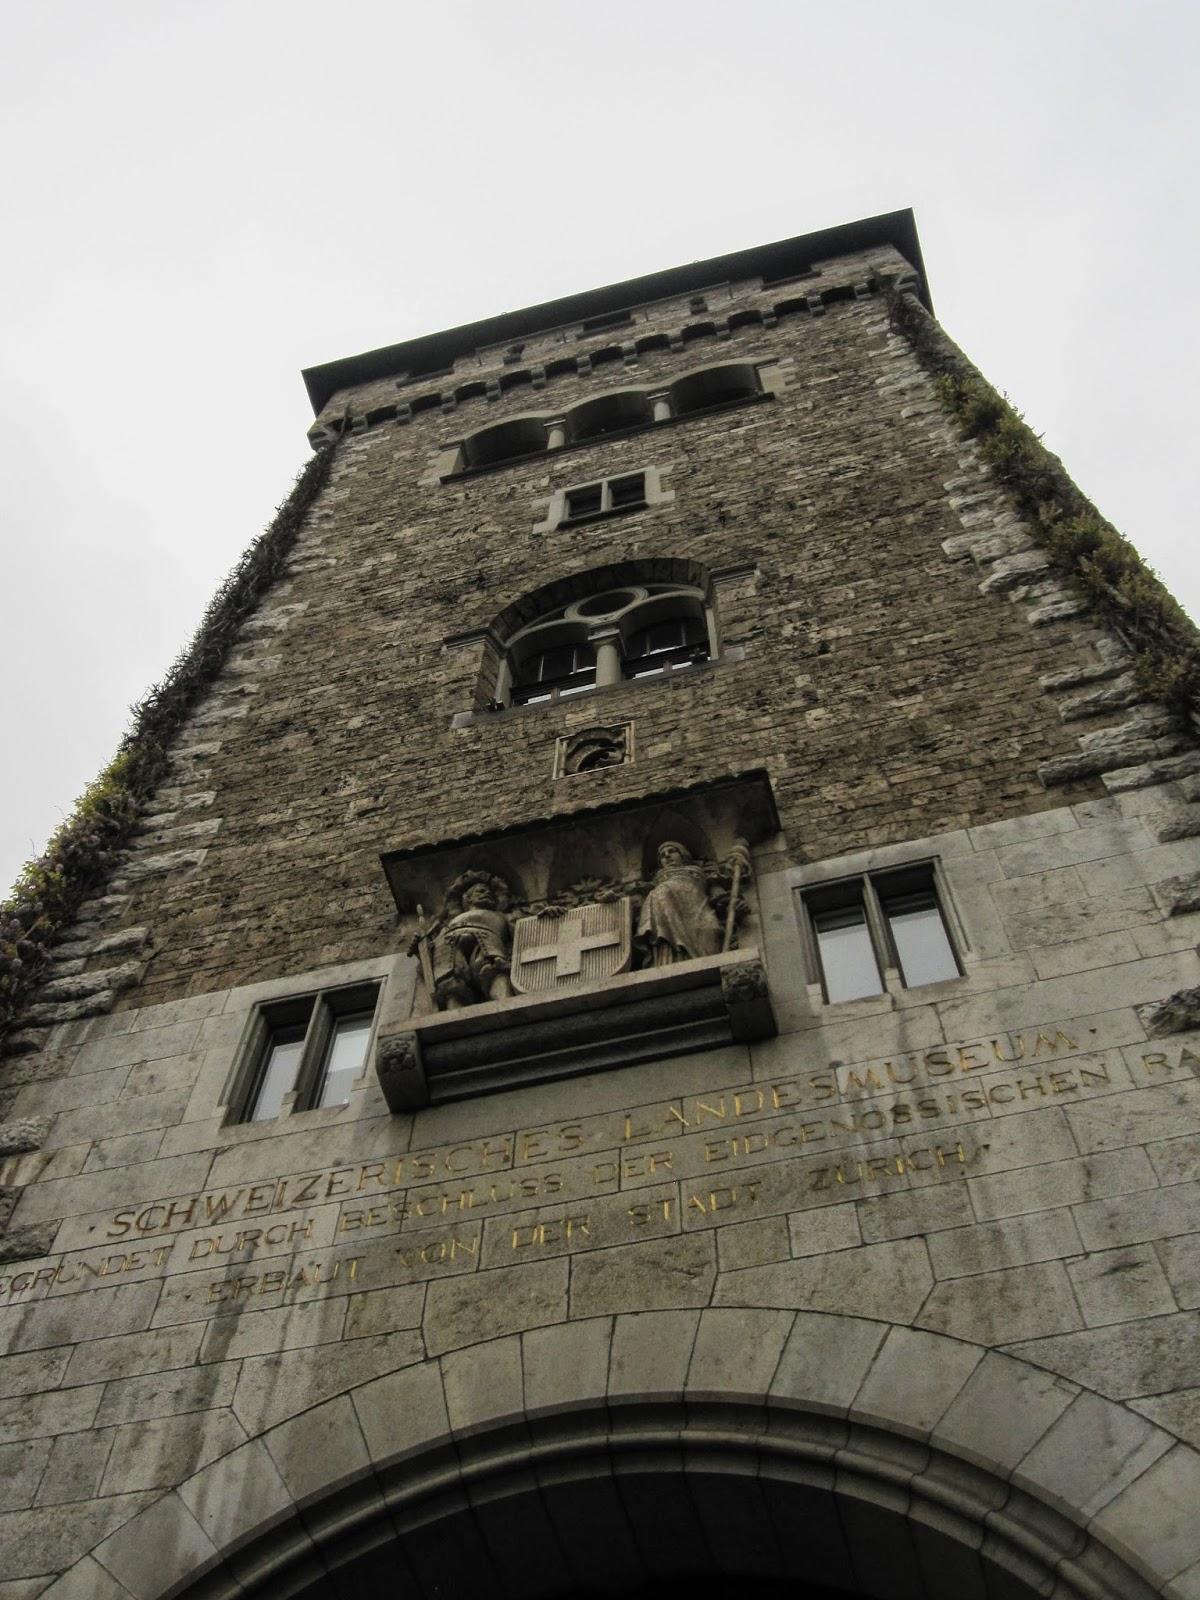 Zürich, Swiss National Museum and Climbing Grossmünster.